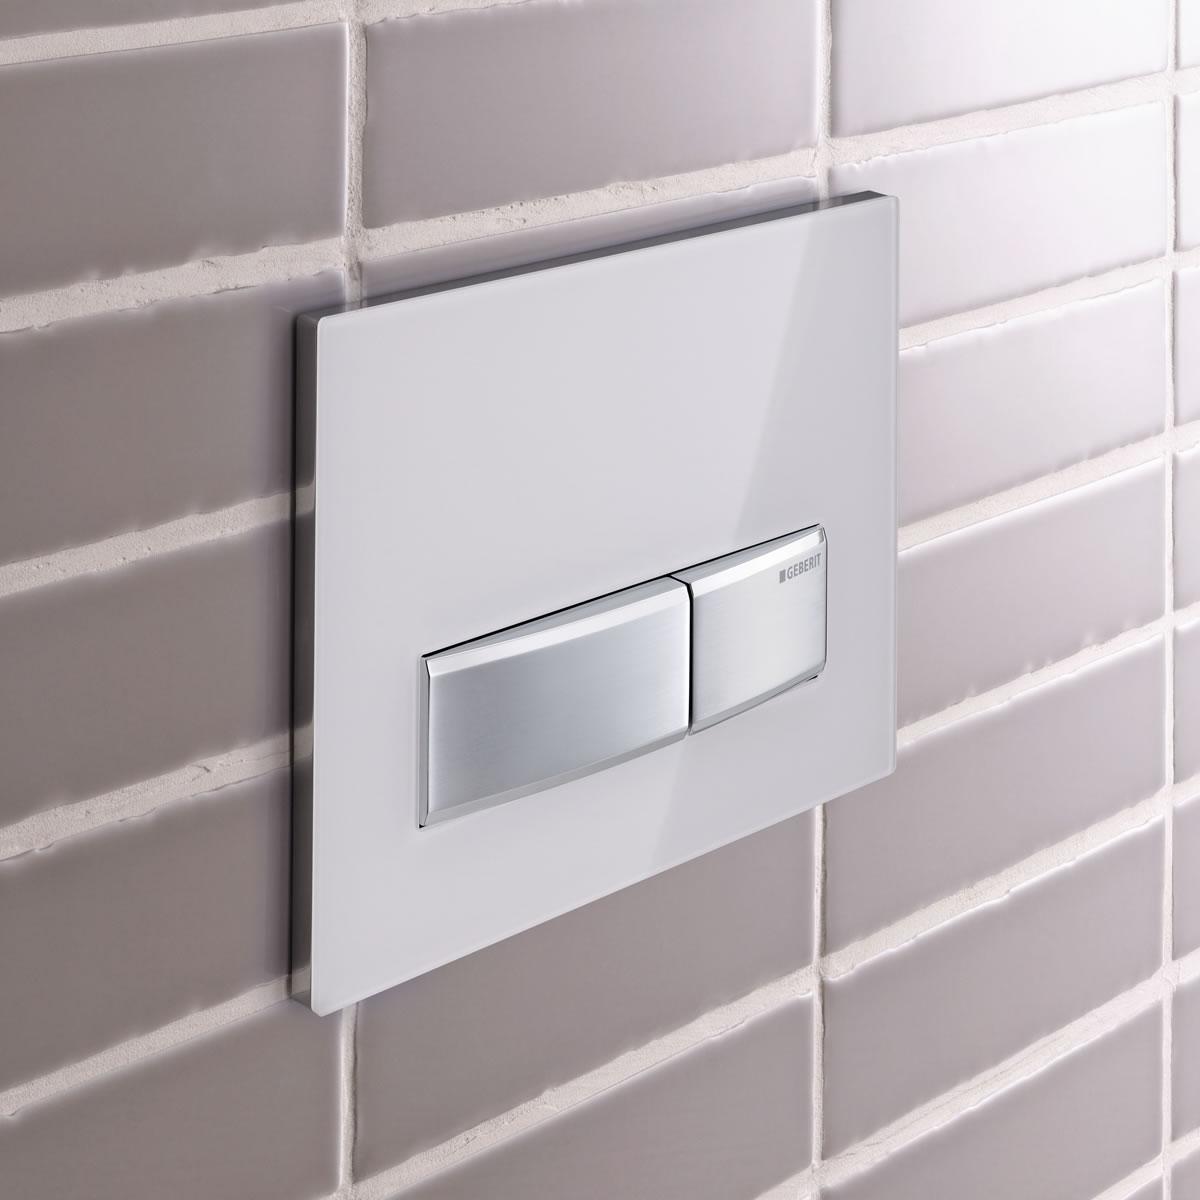 dr ckerplatte geberit sigma50 schnell verf gbar. Black Bedroom Furniture Sets. Home Design Ideas